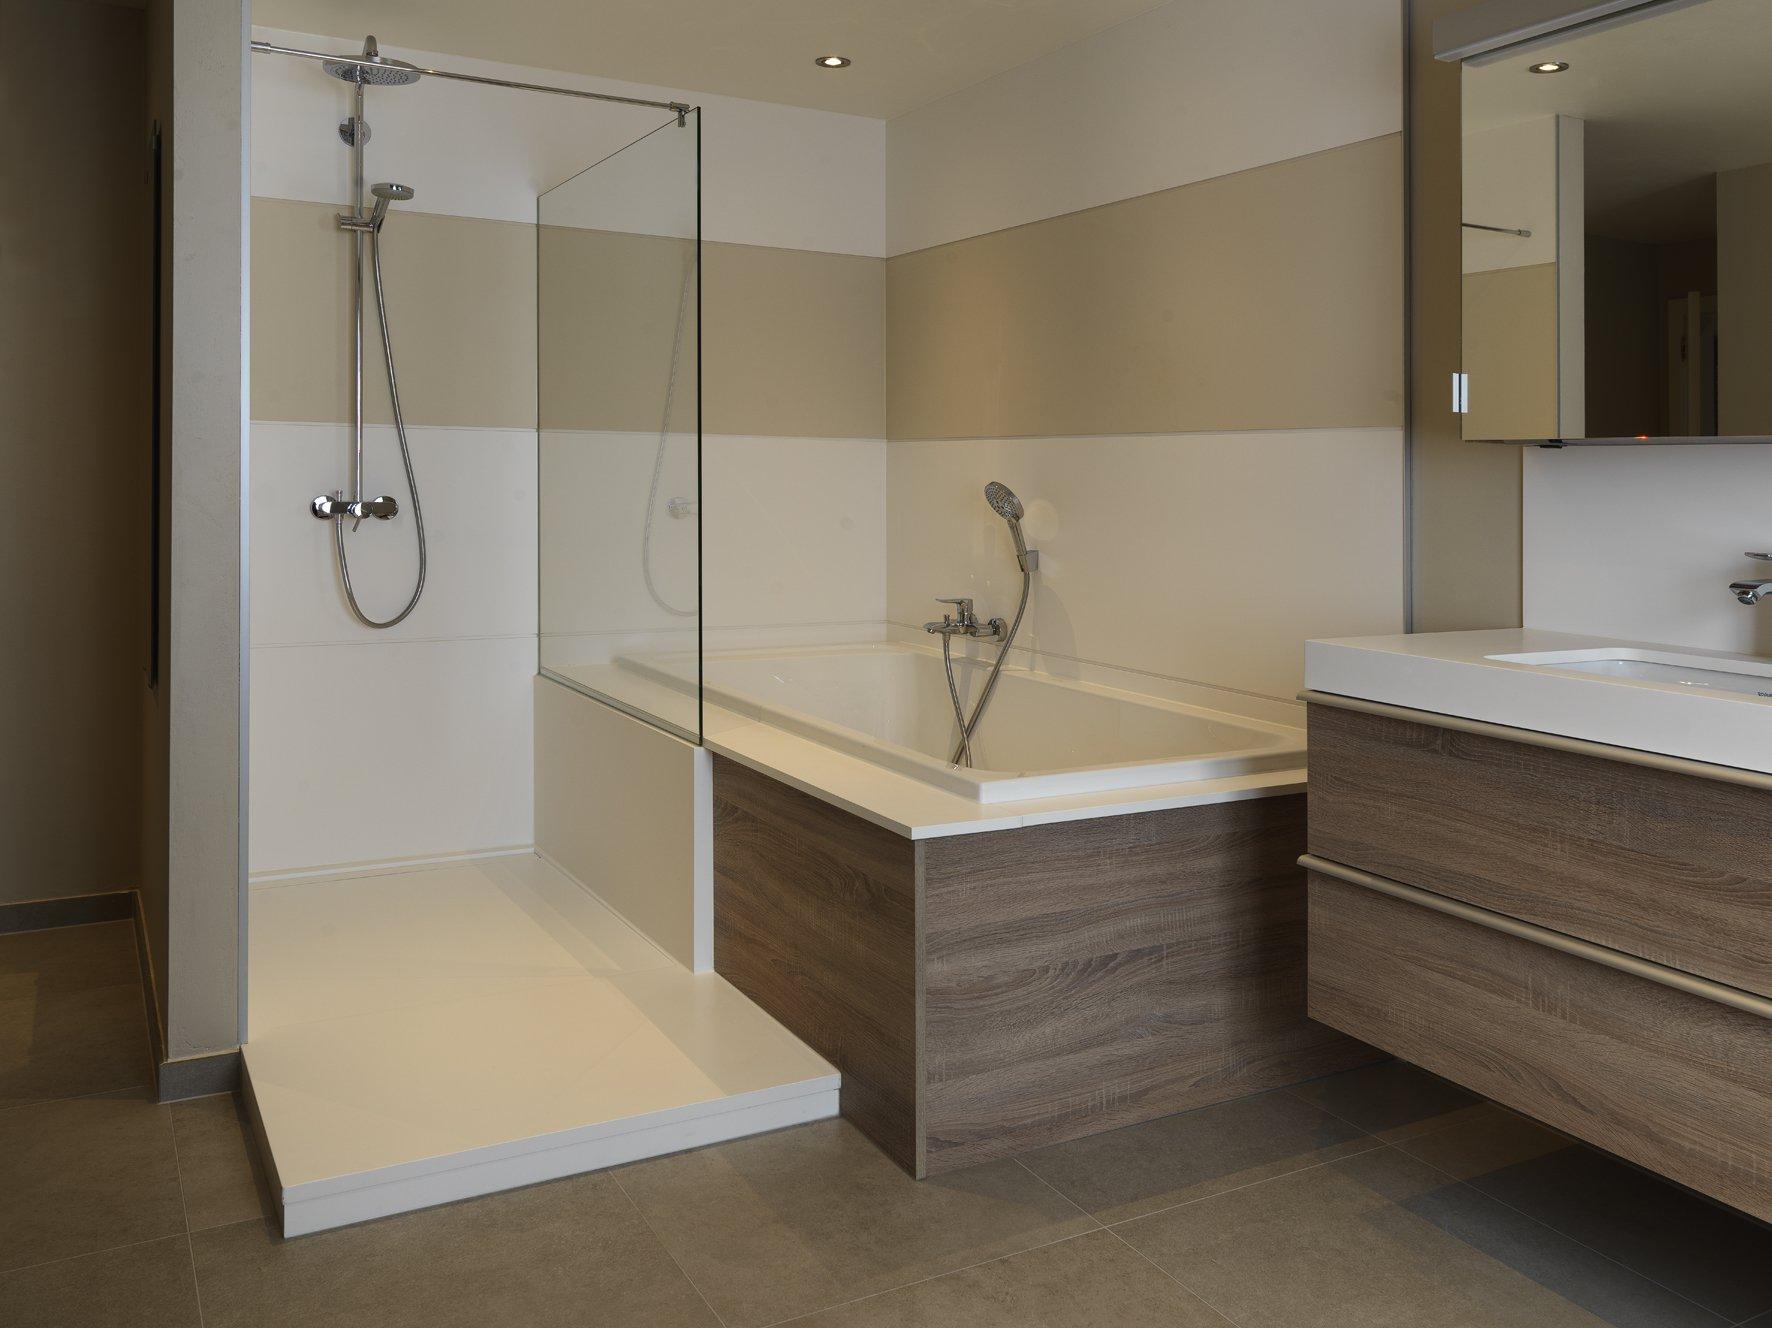 Assenti-badkamers-merk-Mijn-Bad-In-Stijl-badkamer-merken-2